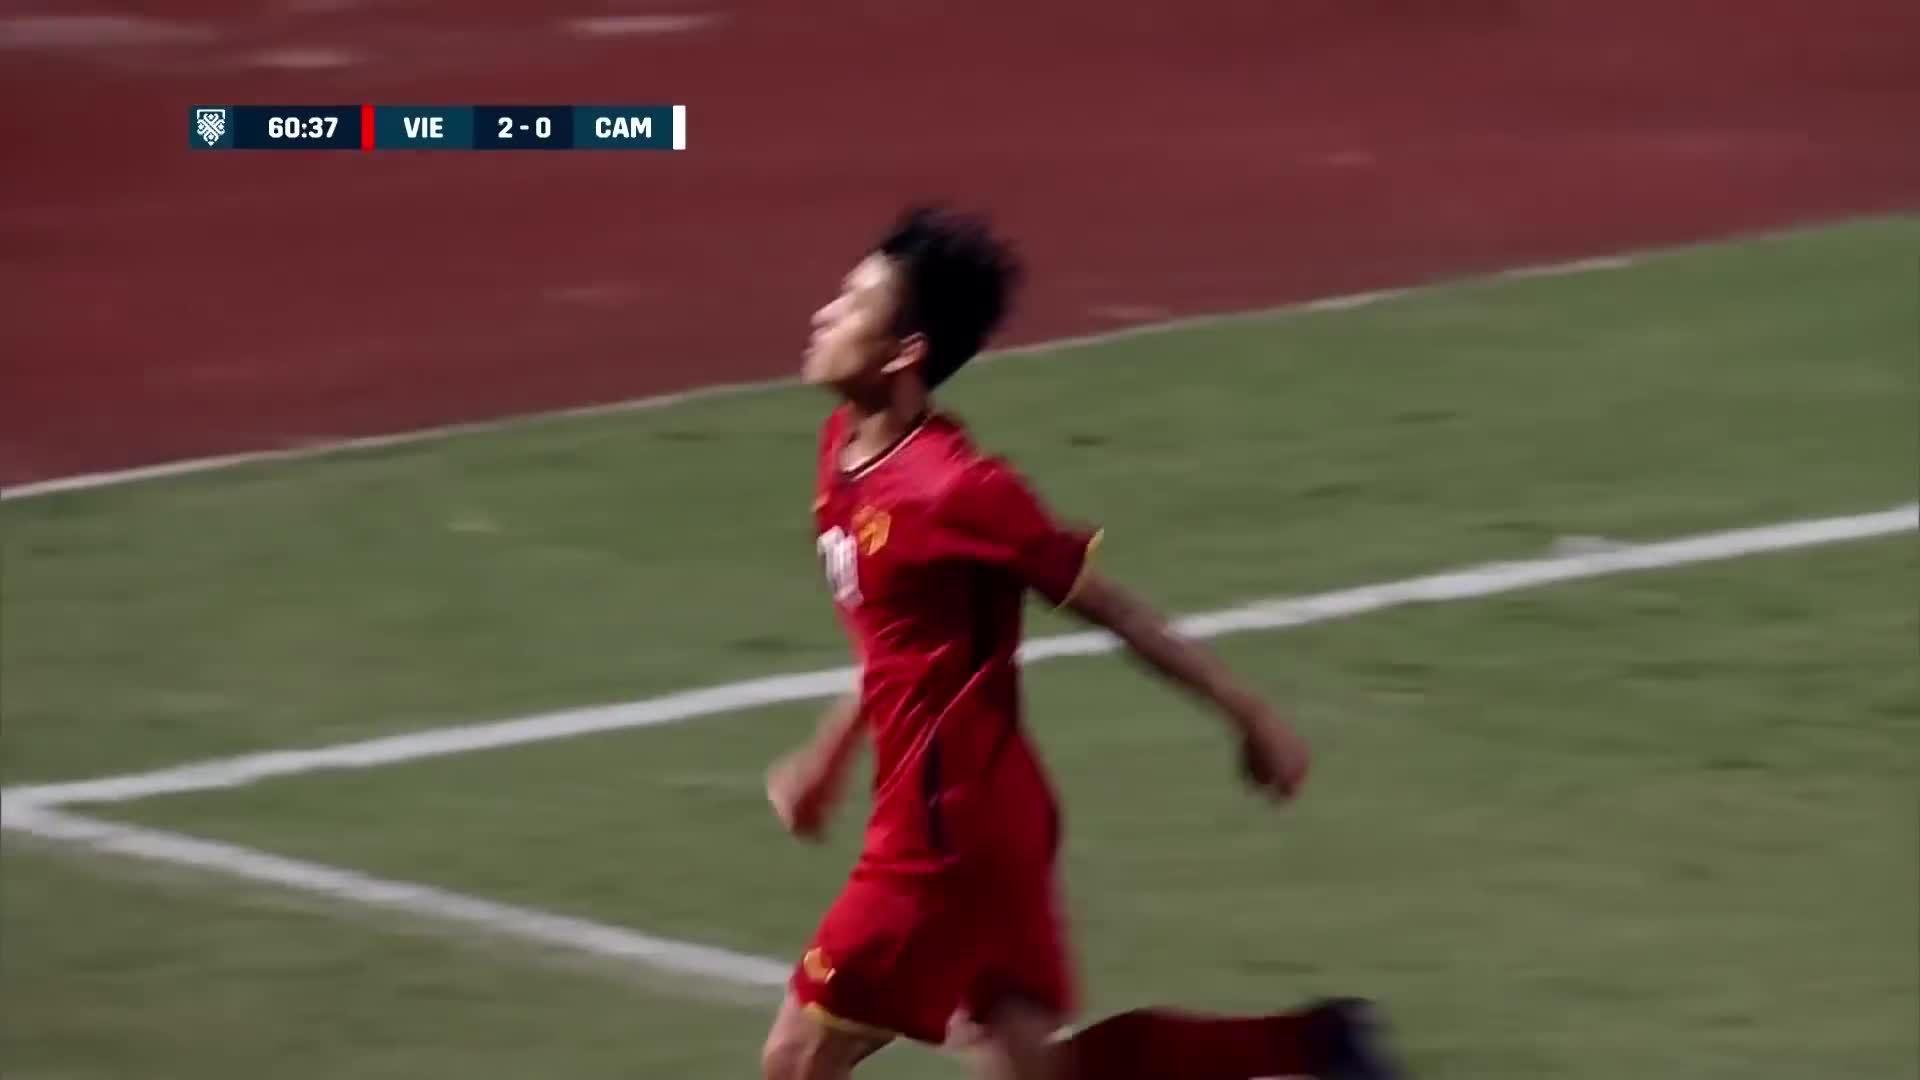 Phan Văn Đức (Việt Nam 3-0 Campuchia)